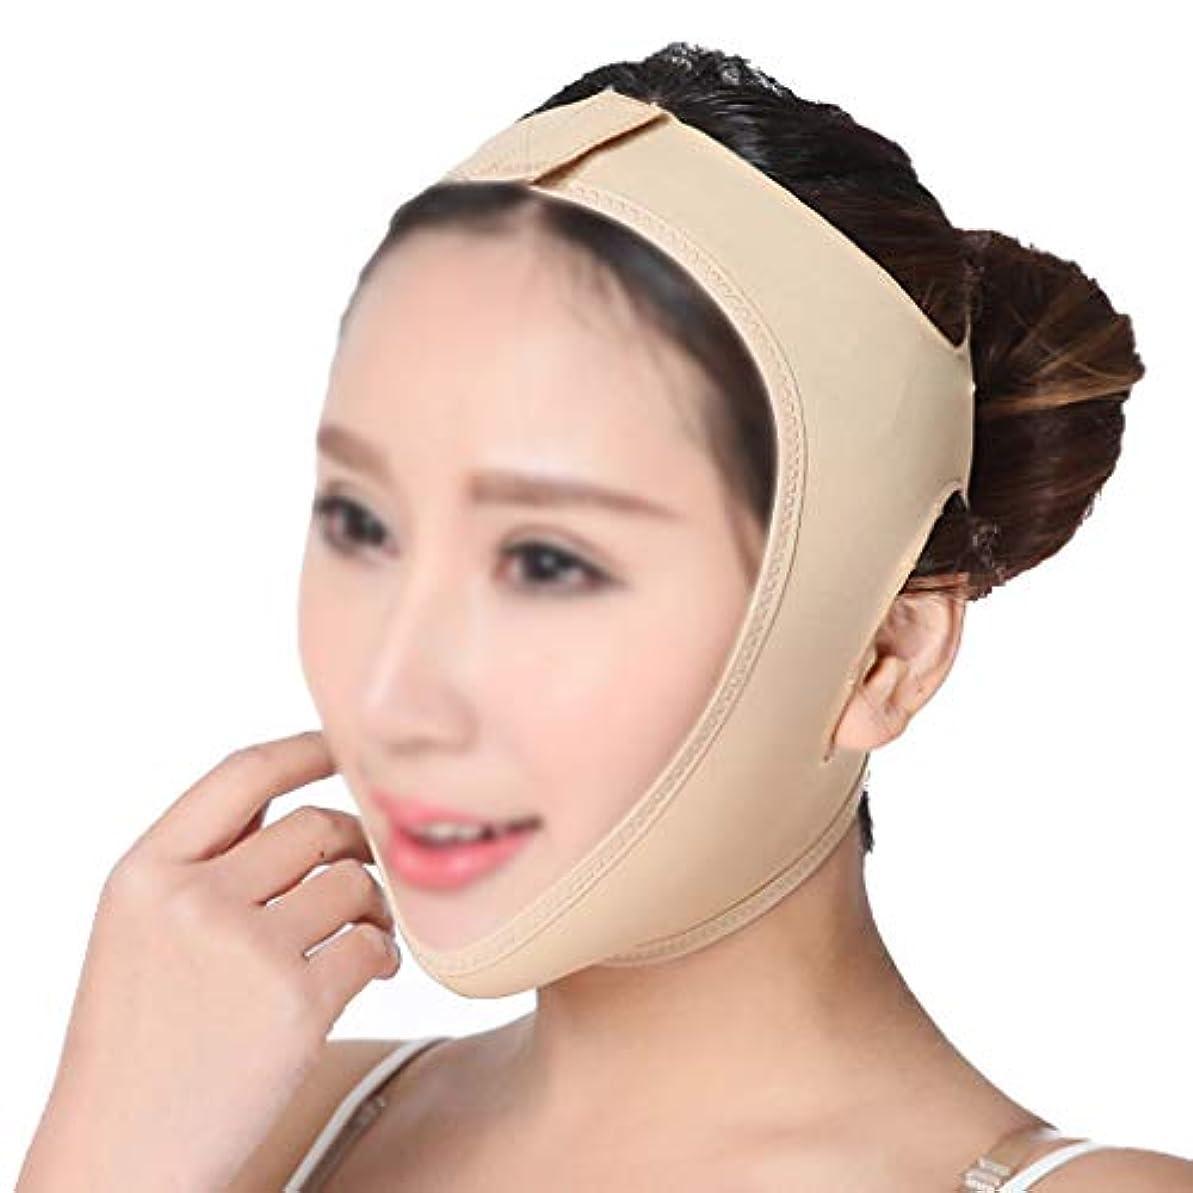 人種新鮮な形成XHLMRMJ 薄い顔包帯顔スリム二重あごを取り除くVラインの顔の形を作成するあごの頬リフトアップ抗しわを持ち上げるベルトフェイスマッサージツール (Size : XL)